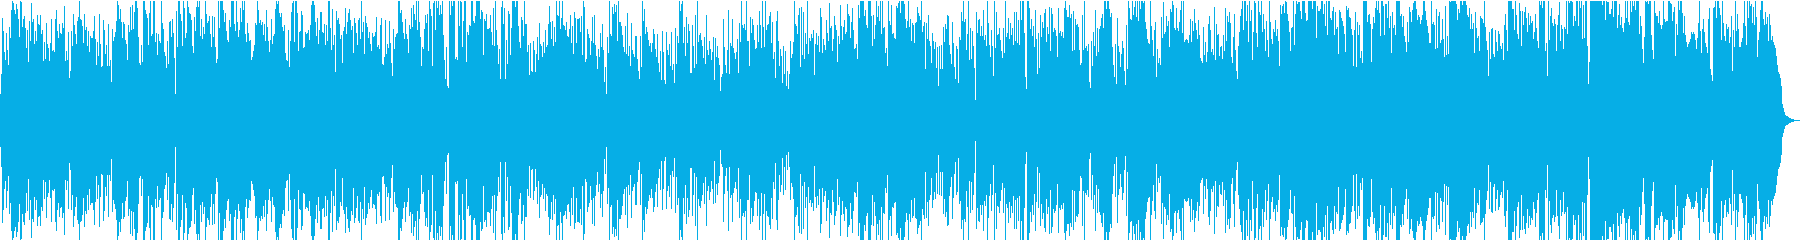 生演奏ボサノバ・フルート・店舗BGMなどの再生済みの波形